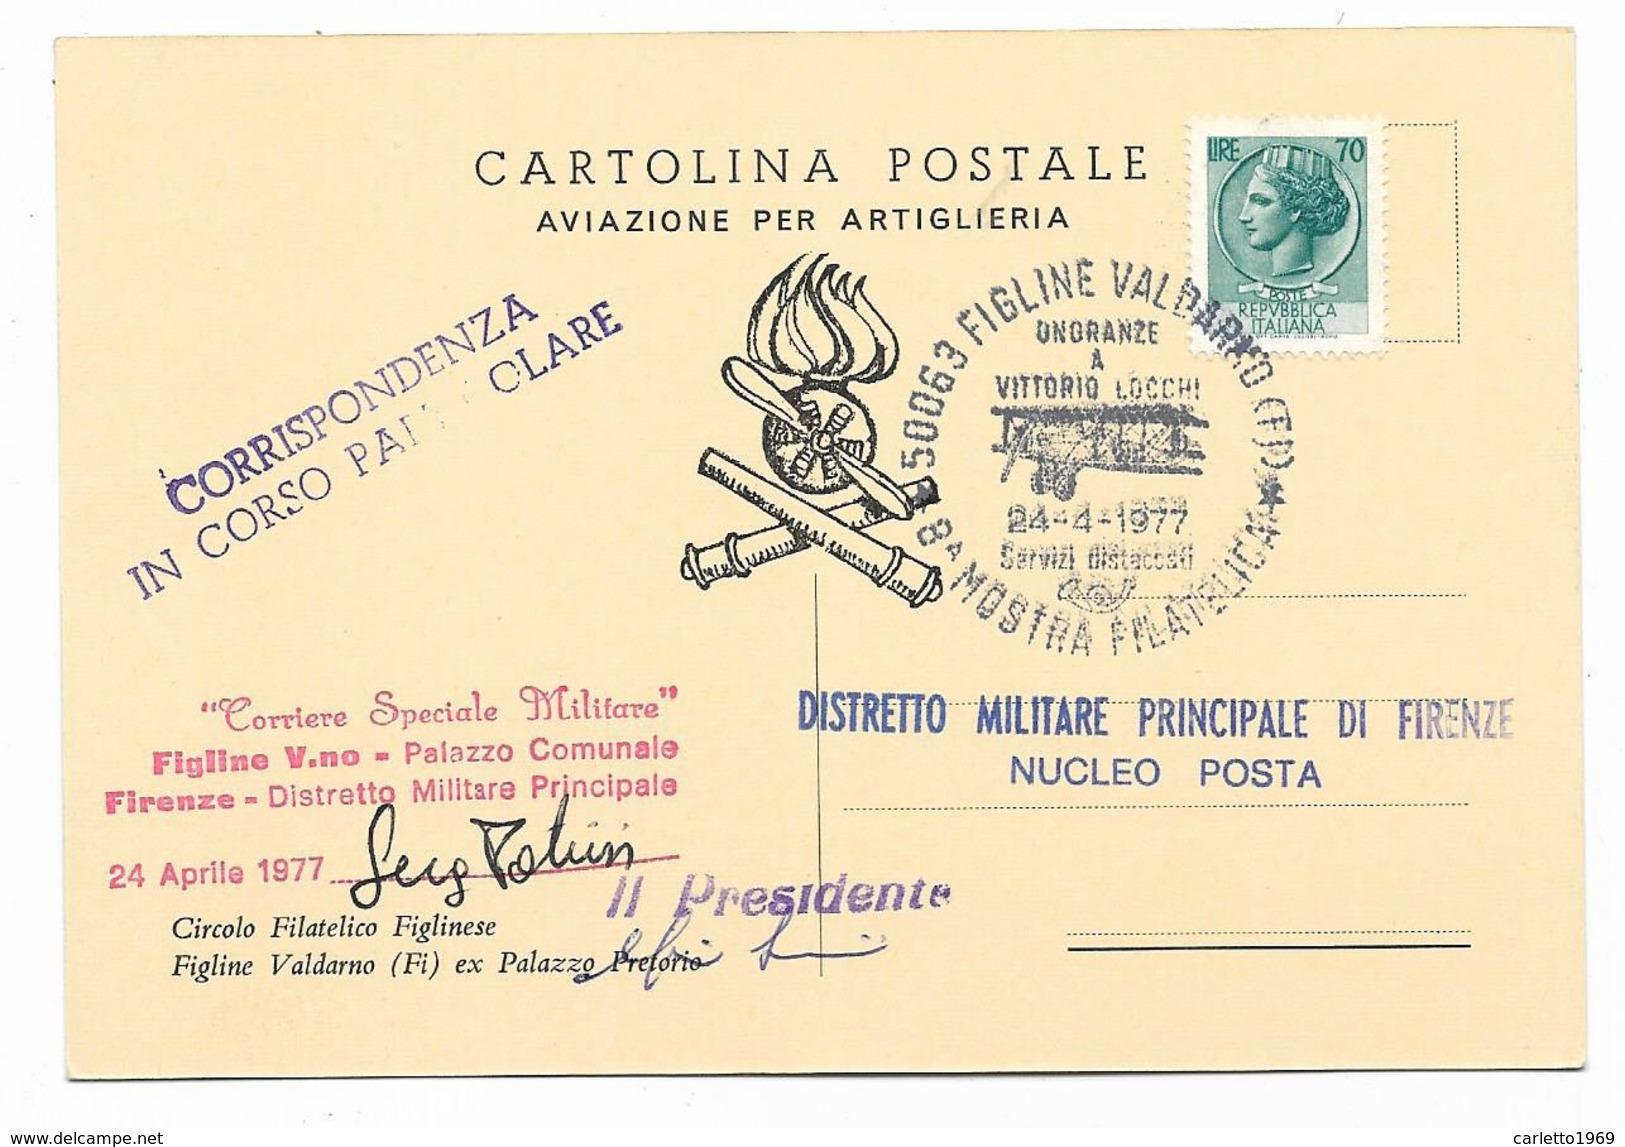 FIGLINE VALDARNO MOSTRA FILATELICA 1977 AVIAZIONE PER ARTIGLIERIA VIAGGIATA FG - Firenze